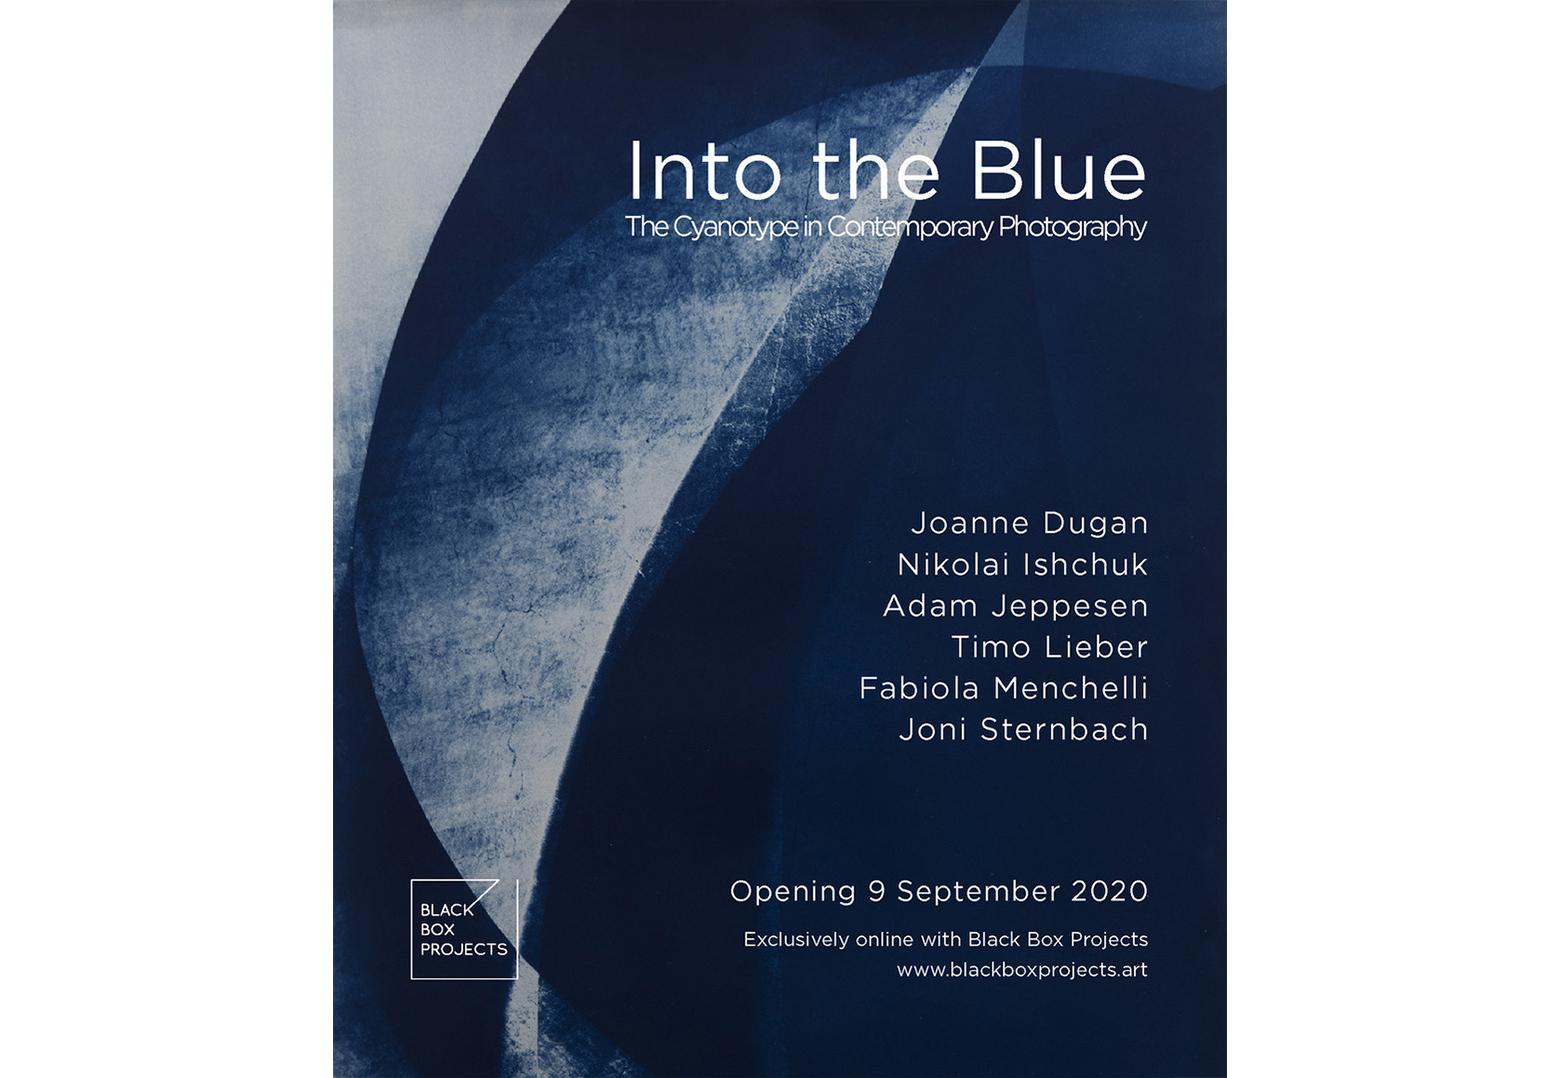 Into the Blue_Announcment_FM_3